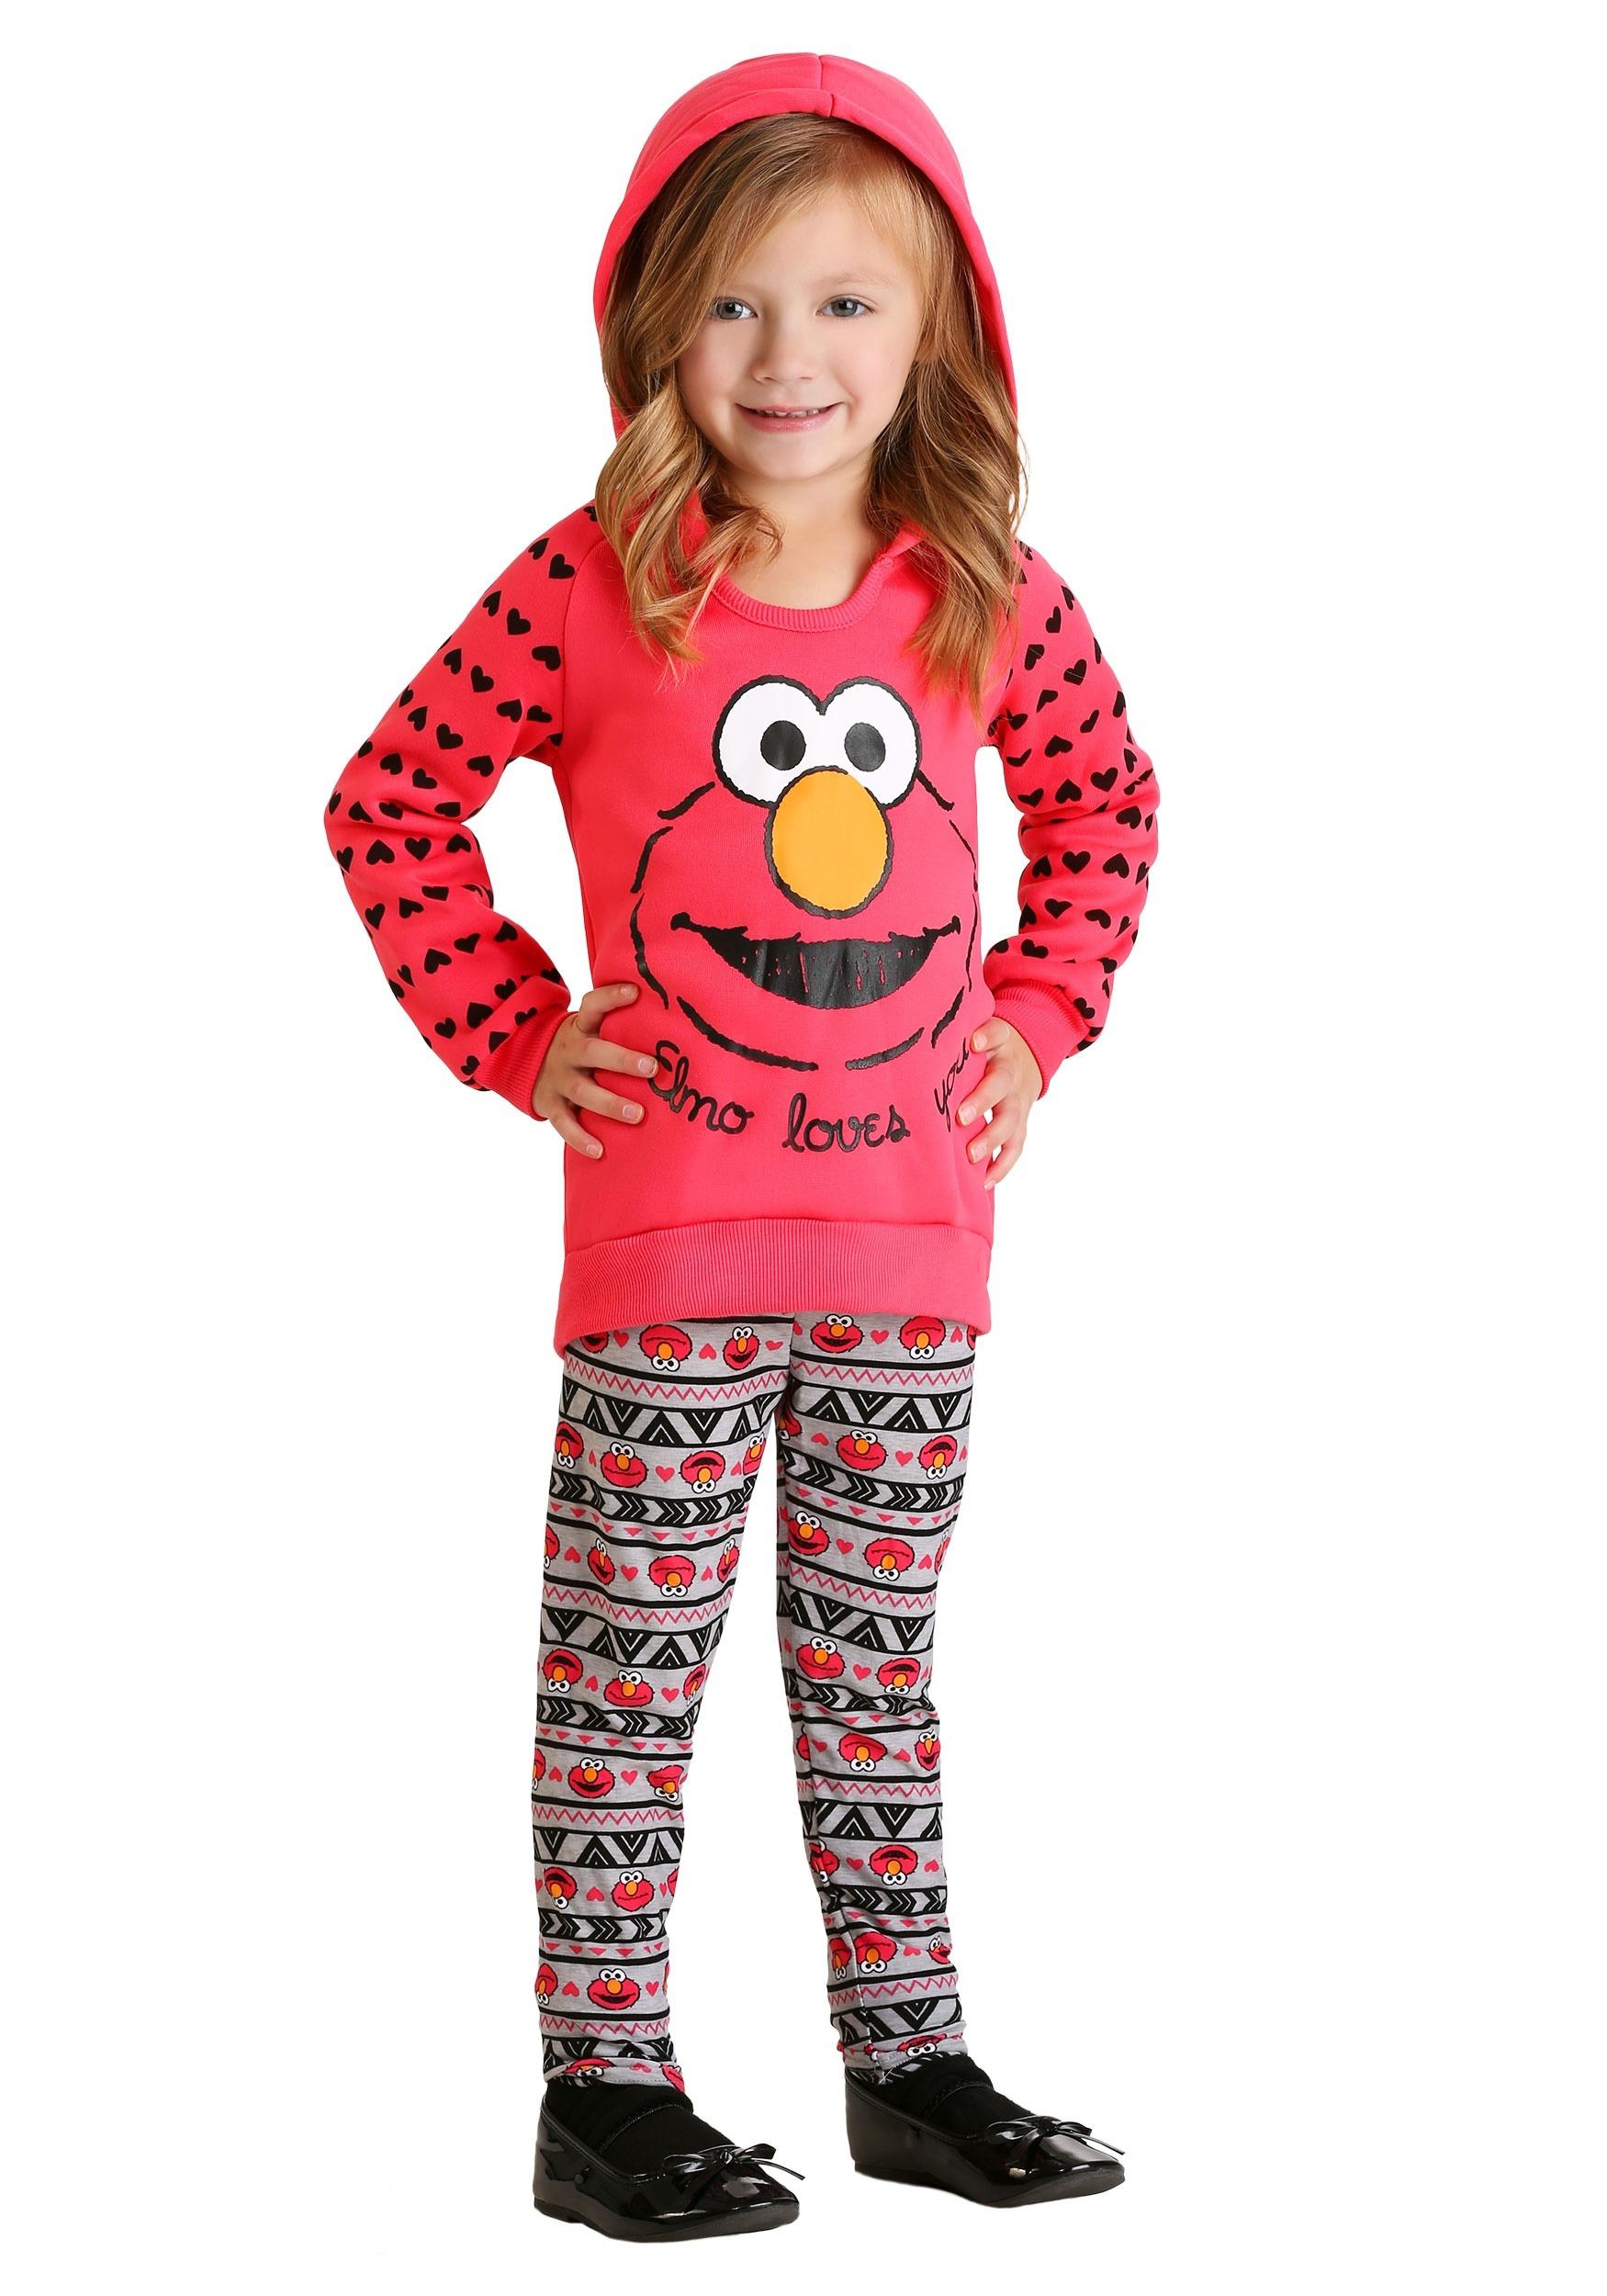 8d9464bbe1dbd Elmo Loves You 2 Piece Girl's Legging Set